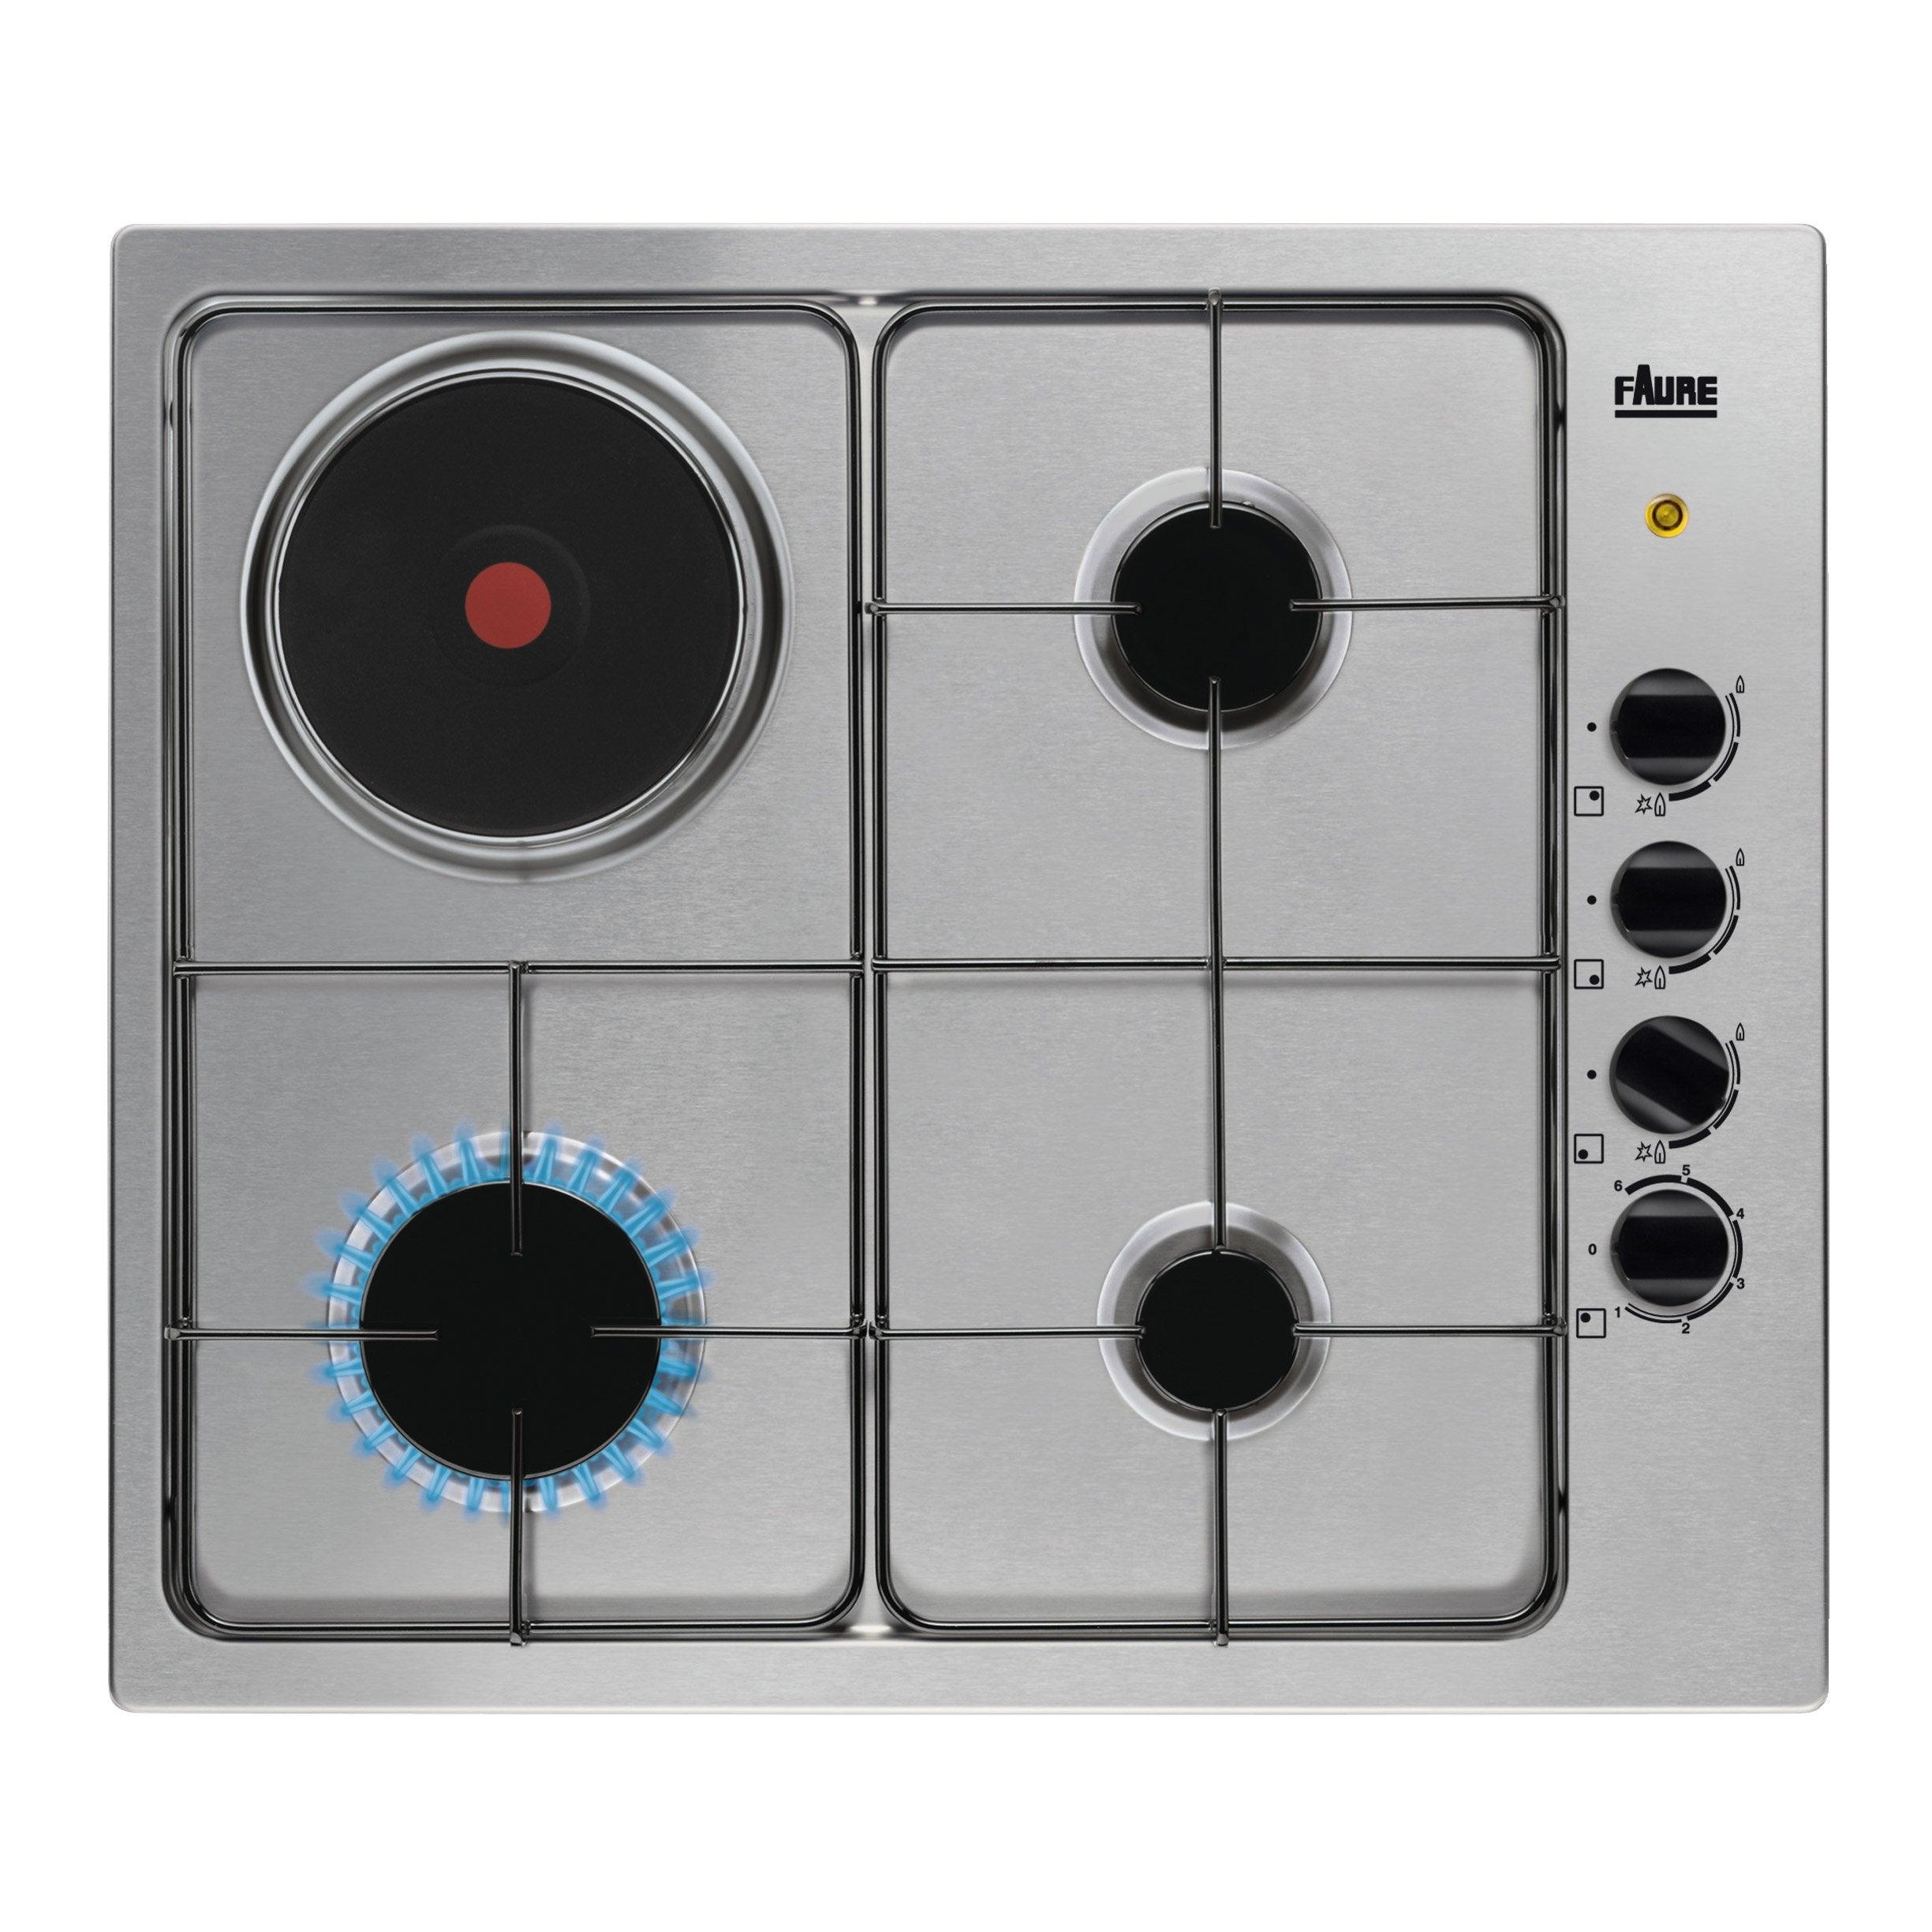 Comparatif Plaque Mixte Induction Gaz plaque de cuisson mixte 4, faure fgm64300x